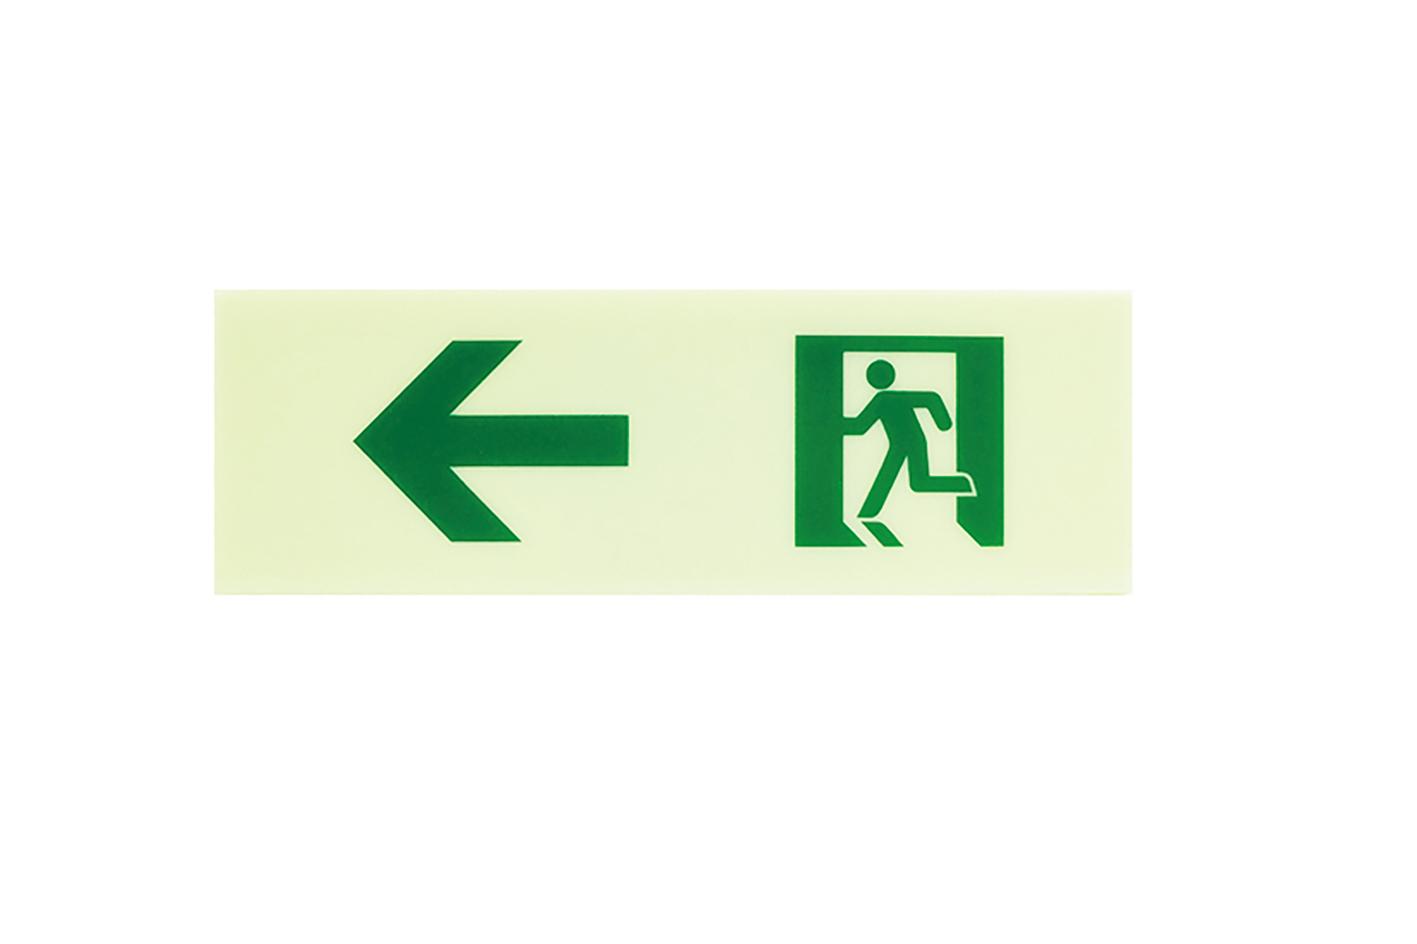 ルナウェアセーフティーサイン床用 避難方向明示物左矢印 高輝度蓄光式避難誘導標識 東京消防庁規格適合品 地下通路安全対策 床施工誘導標識 地下通路停電対策 タイの洞窟救出ルナウェア